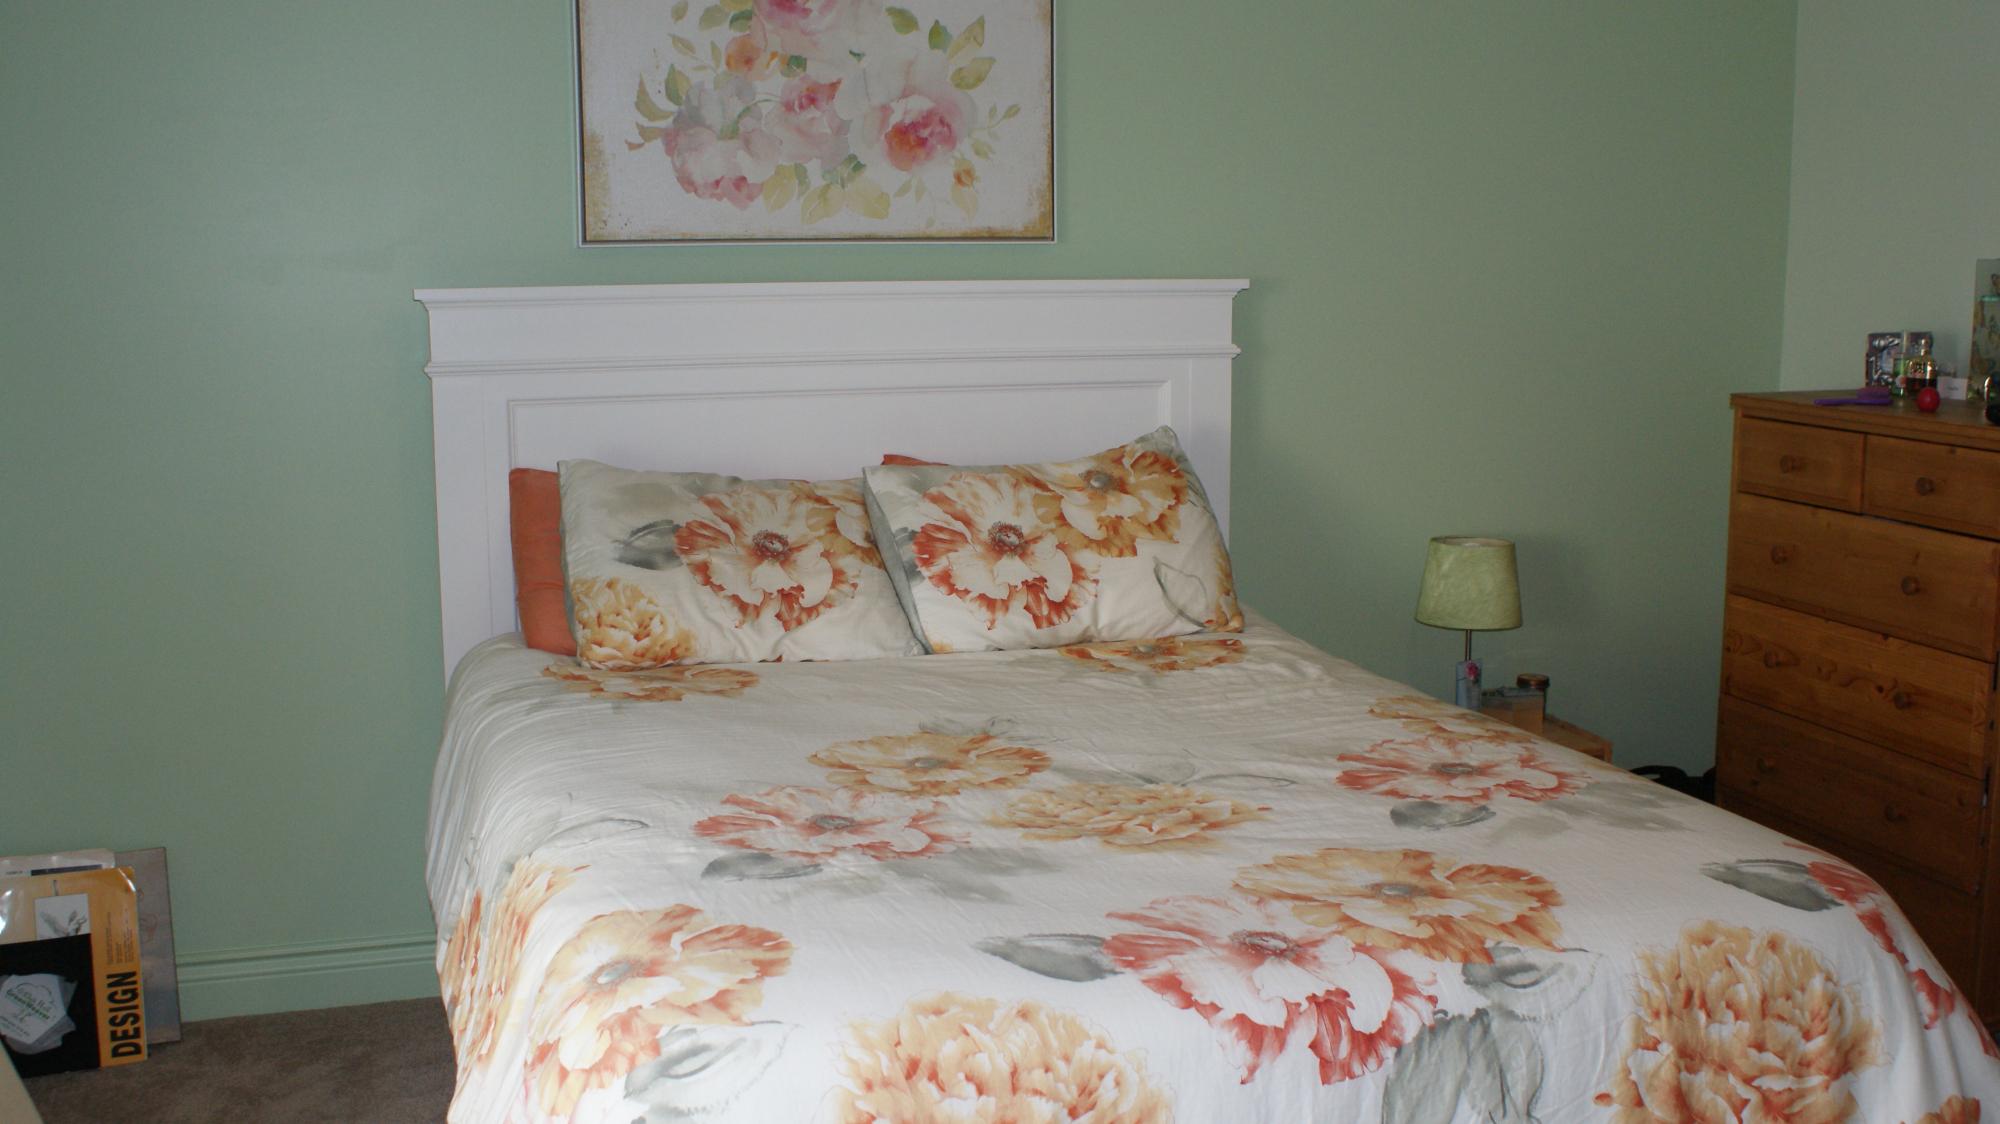 Bedframe in bedroom